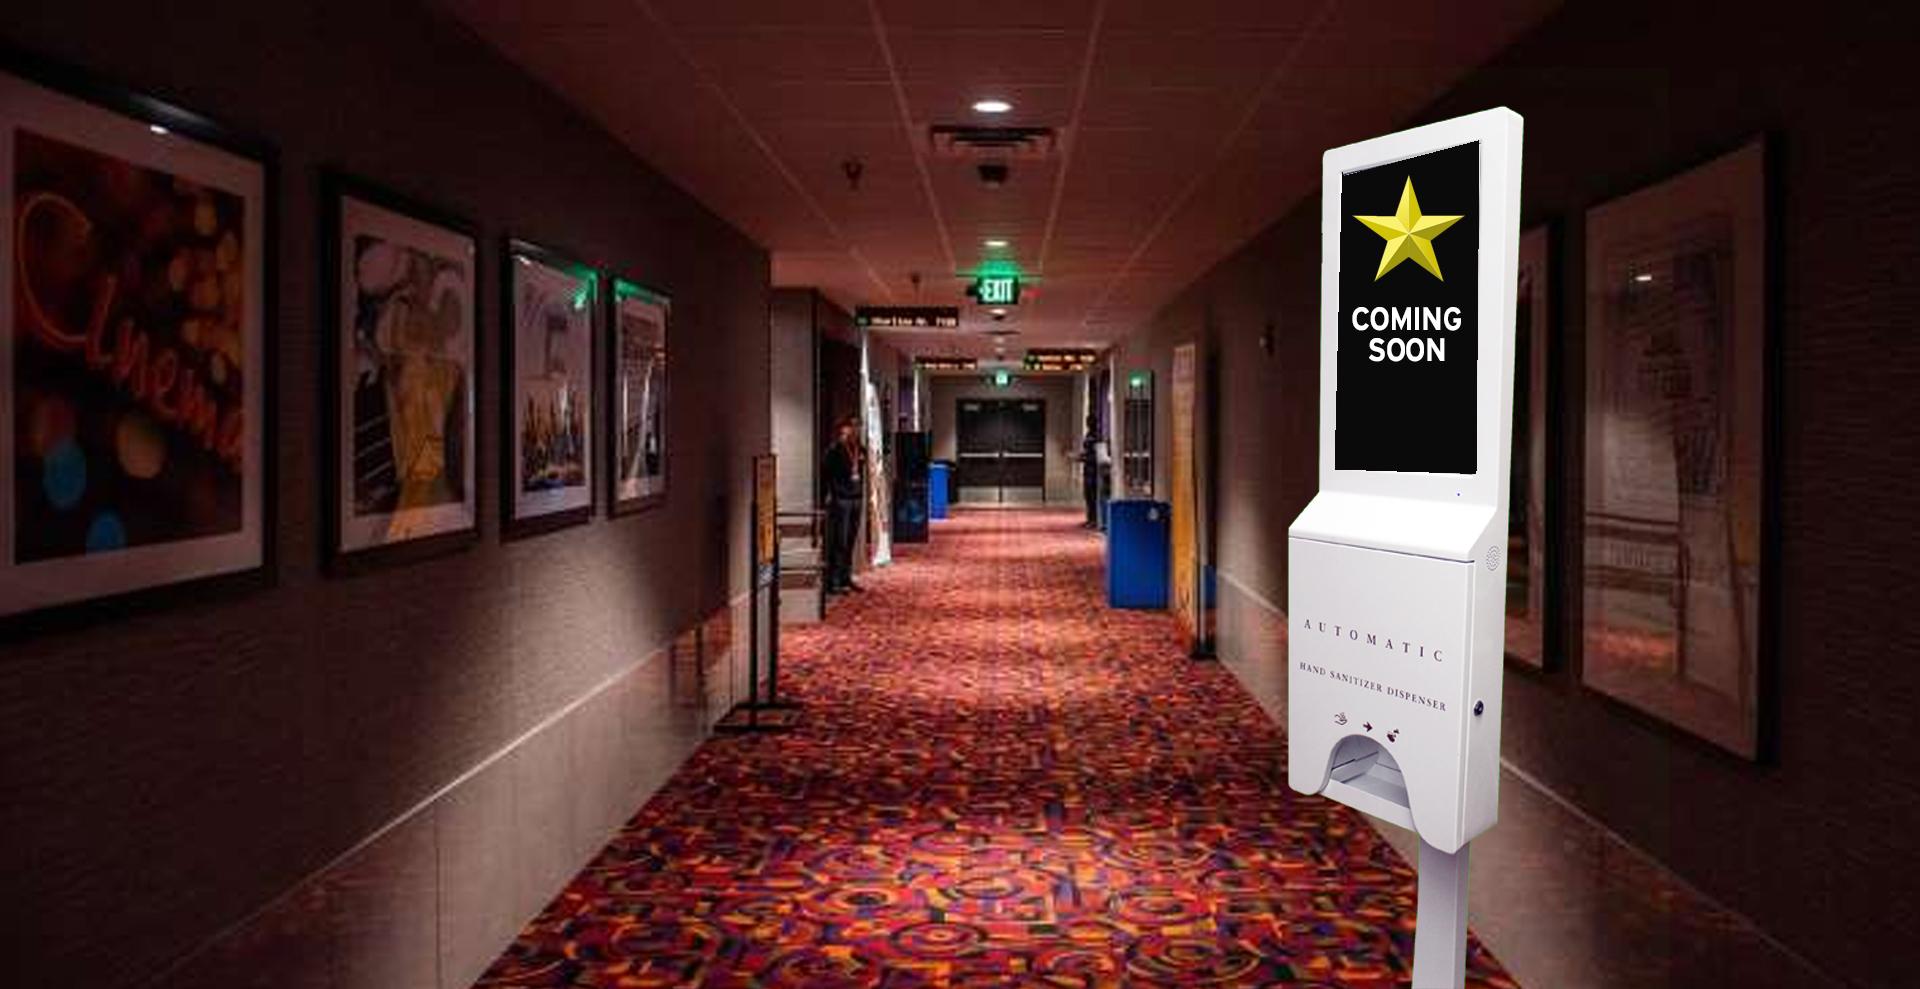 Purchase - Movie Theatre Hand Sanitizer Dispenser